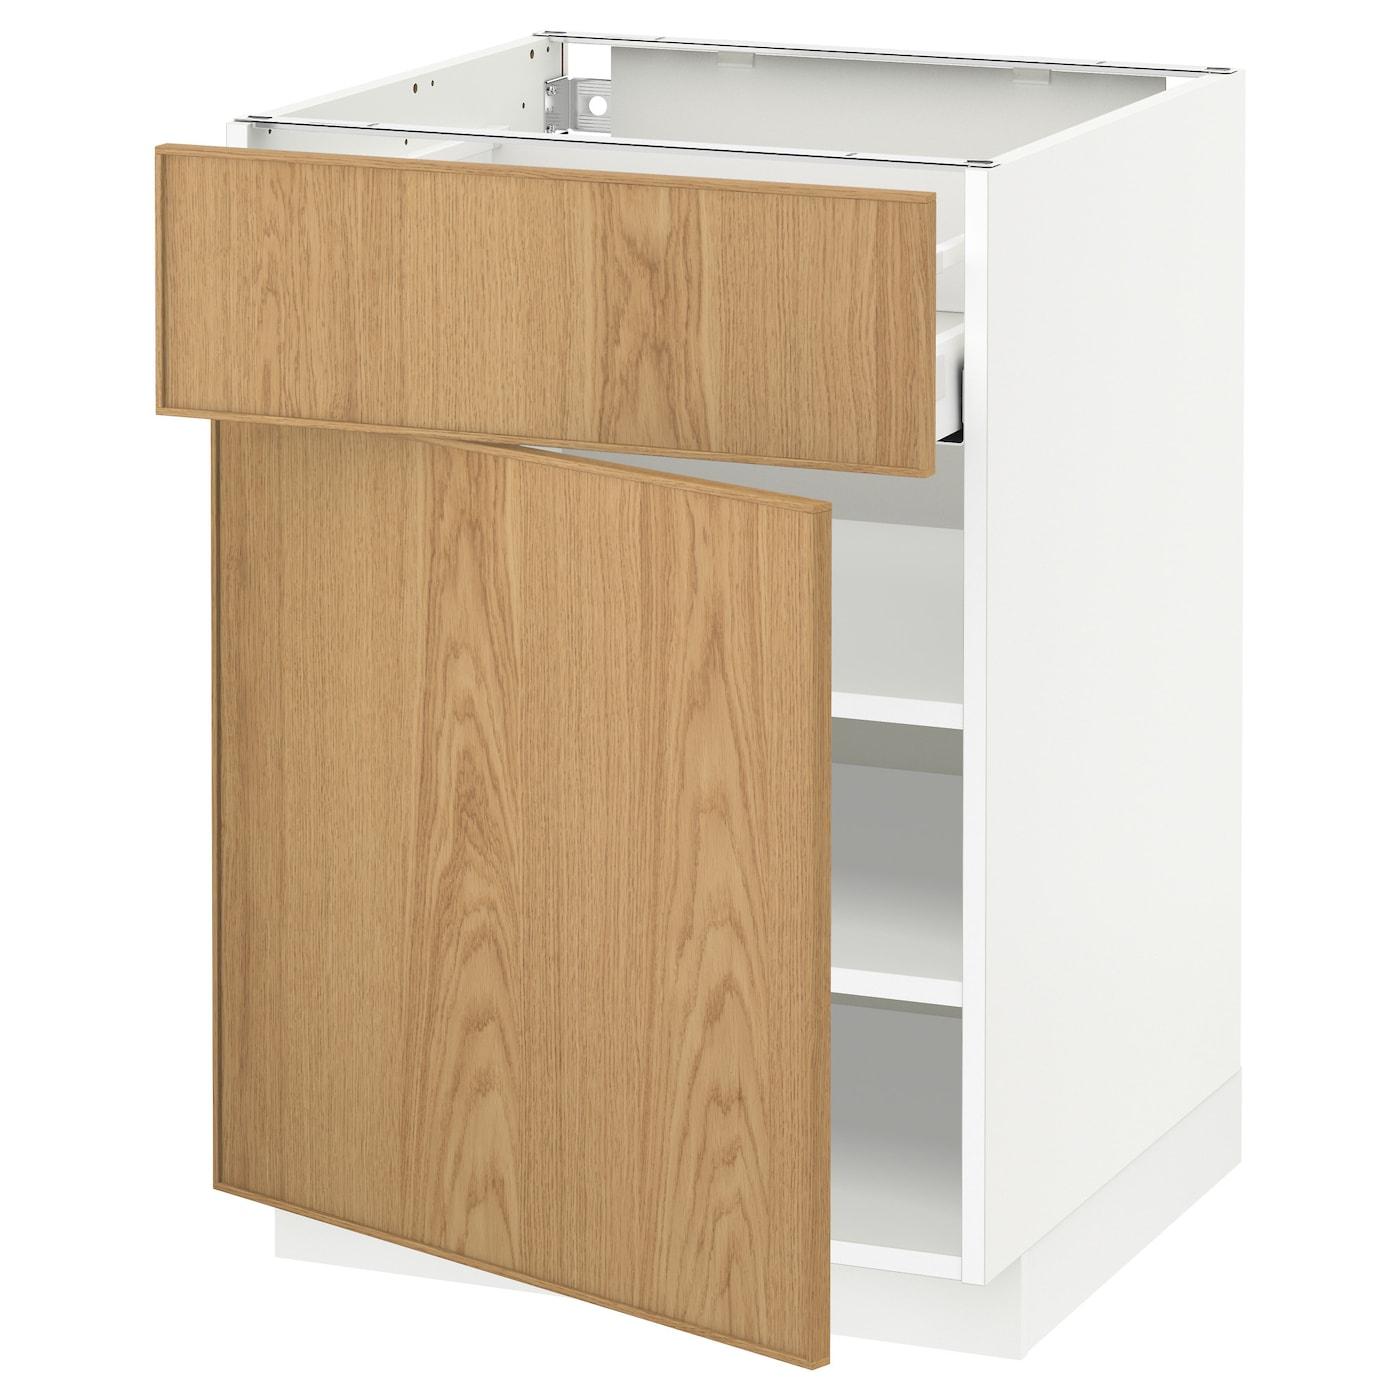 Ikea Oak Kitchen Cabinets Nagpurentrepreneurs